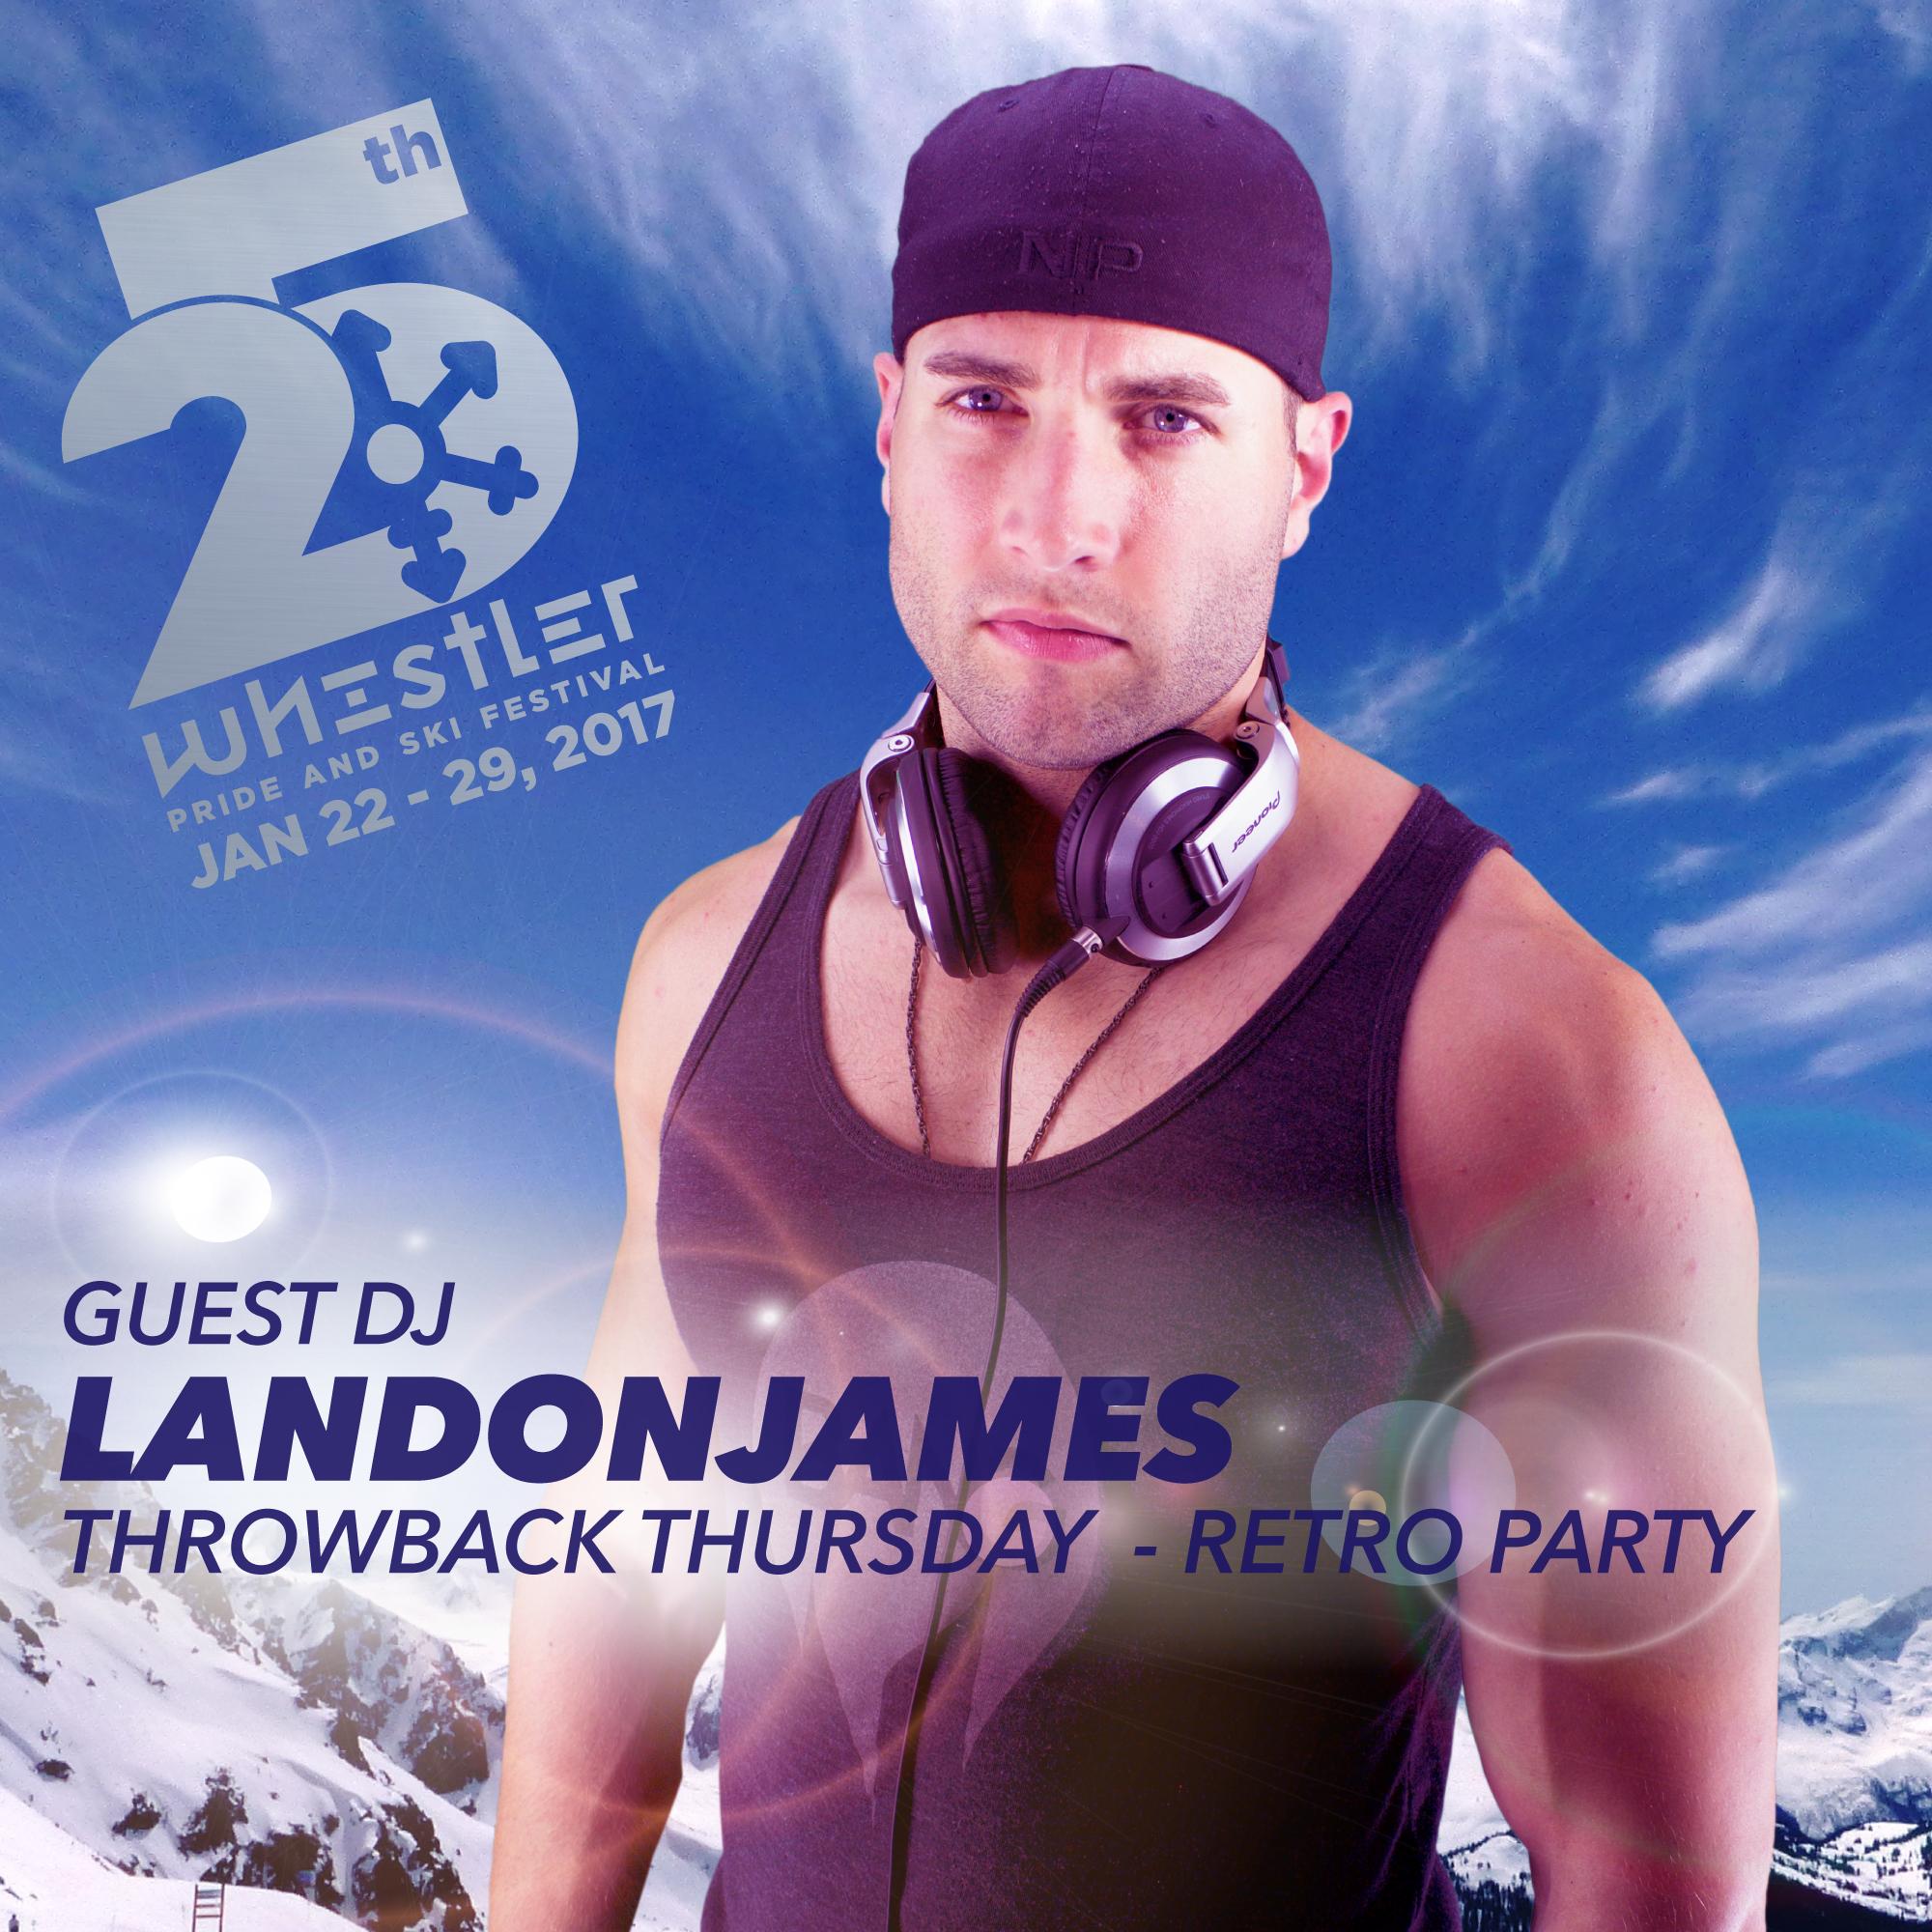 DJ LandonJames at Whistler Pride and Ski Festival